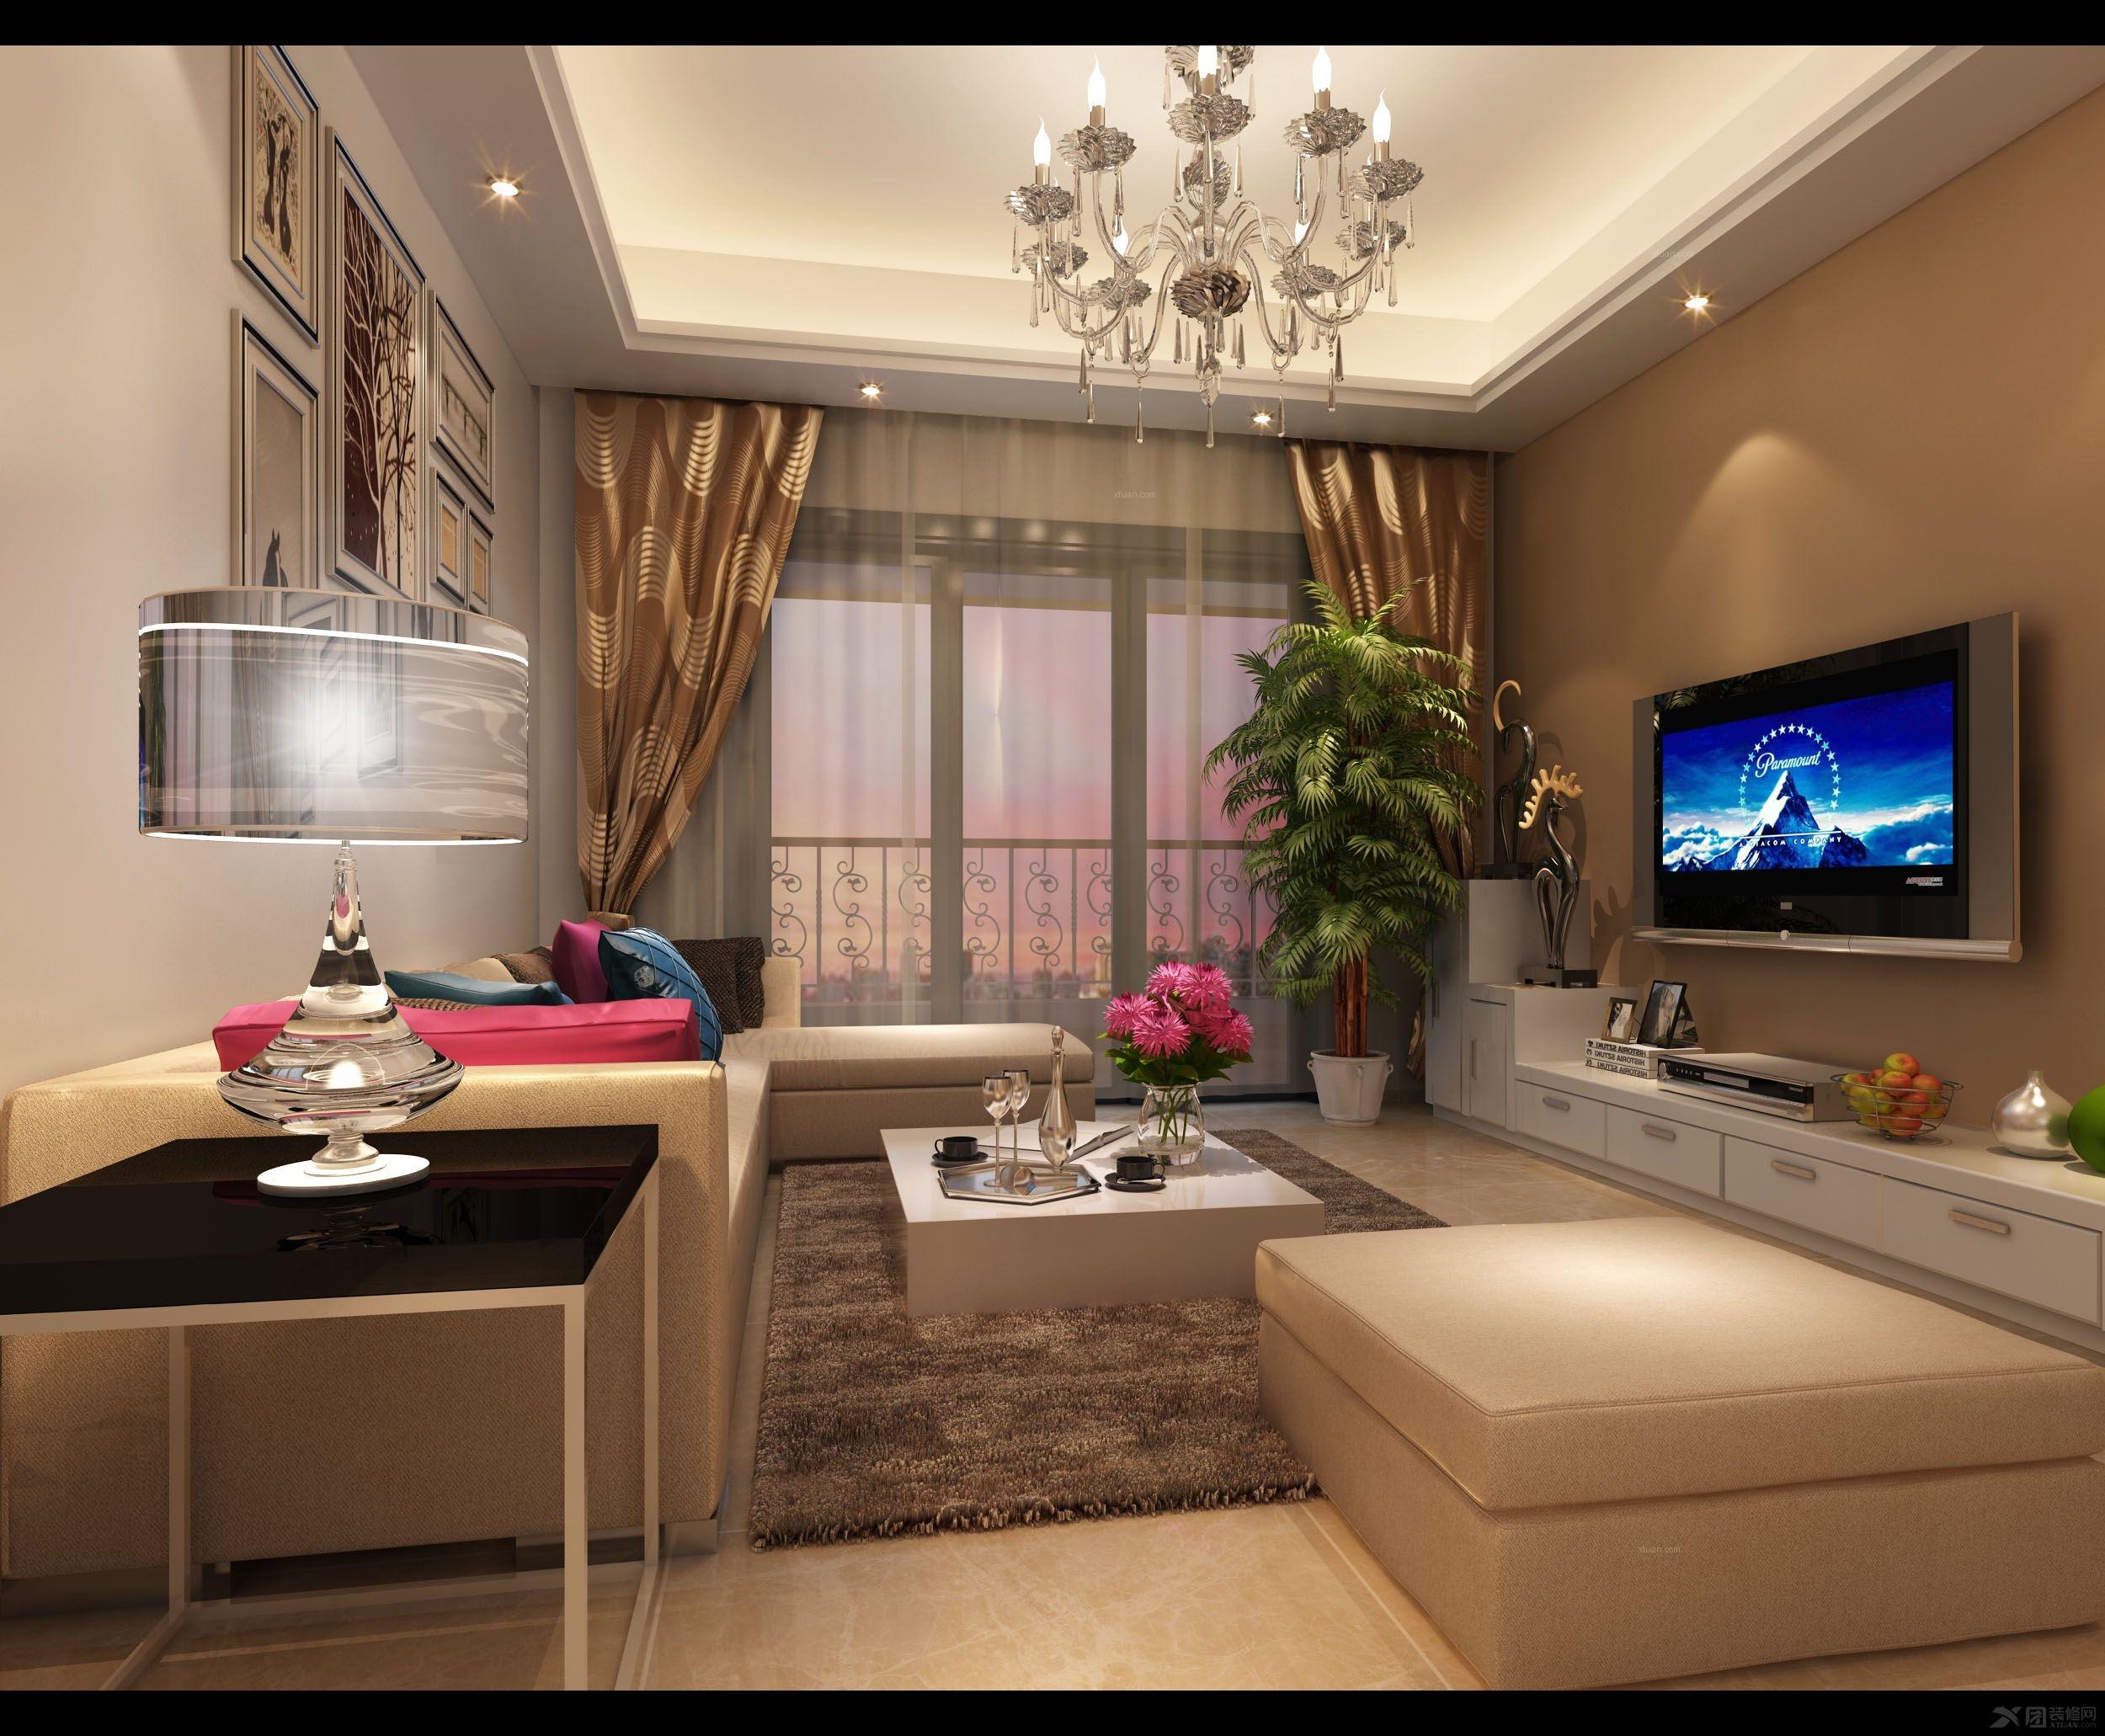 新中式风格140平米三居室-8万装修效果图 鸿坤曦望山三居室欧式案例图片